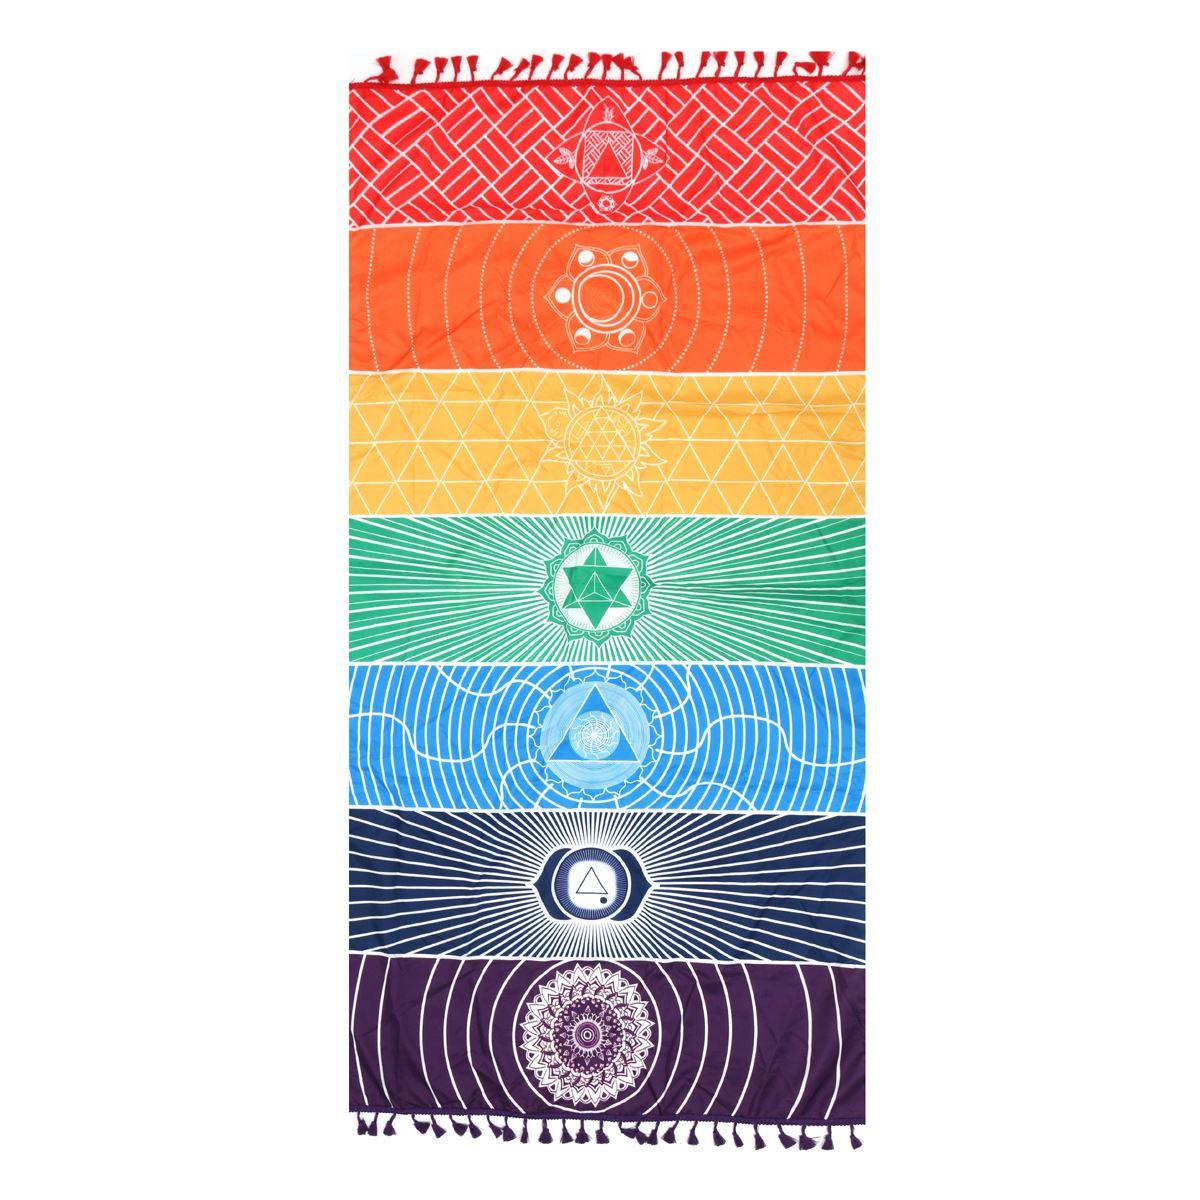 Telo mare Arazzo Arcobaleno 7 Chakra Stripes Estate Wall Hanging Mandala Viaggi Coperta Yoga Stuoia di Protezione Solare Scialle Hippy Boho